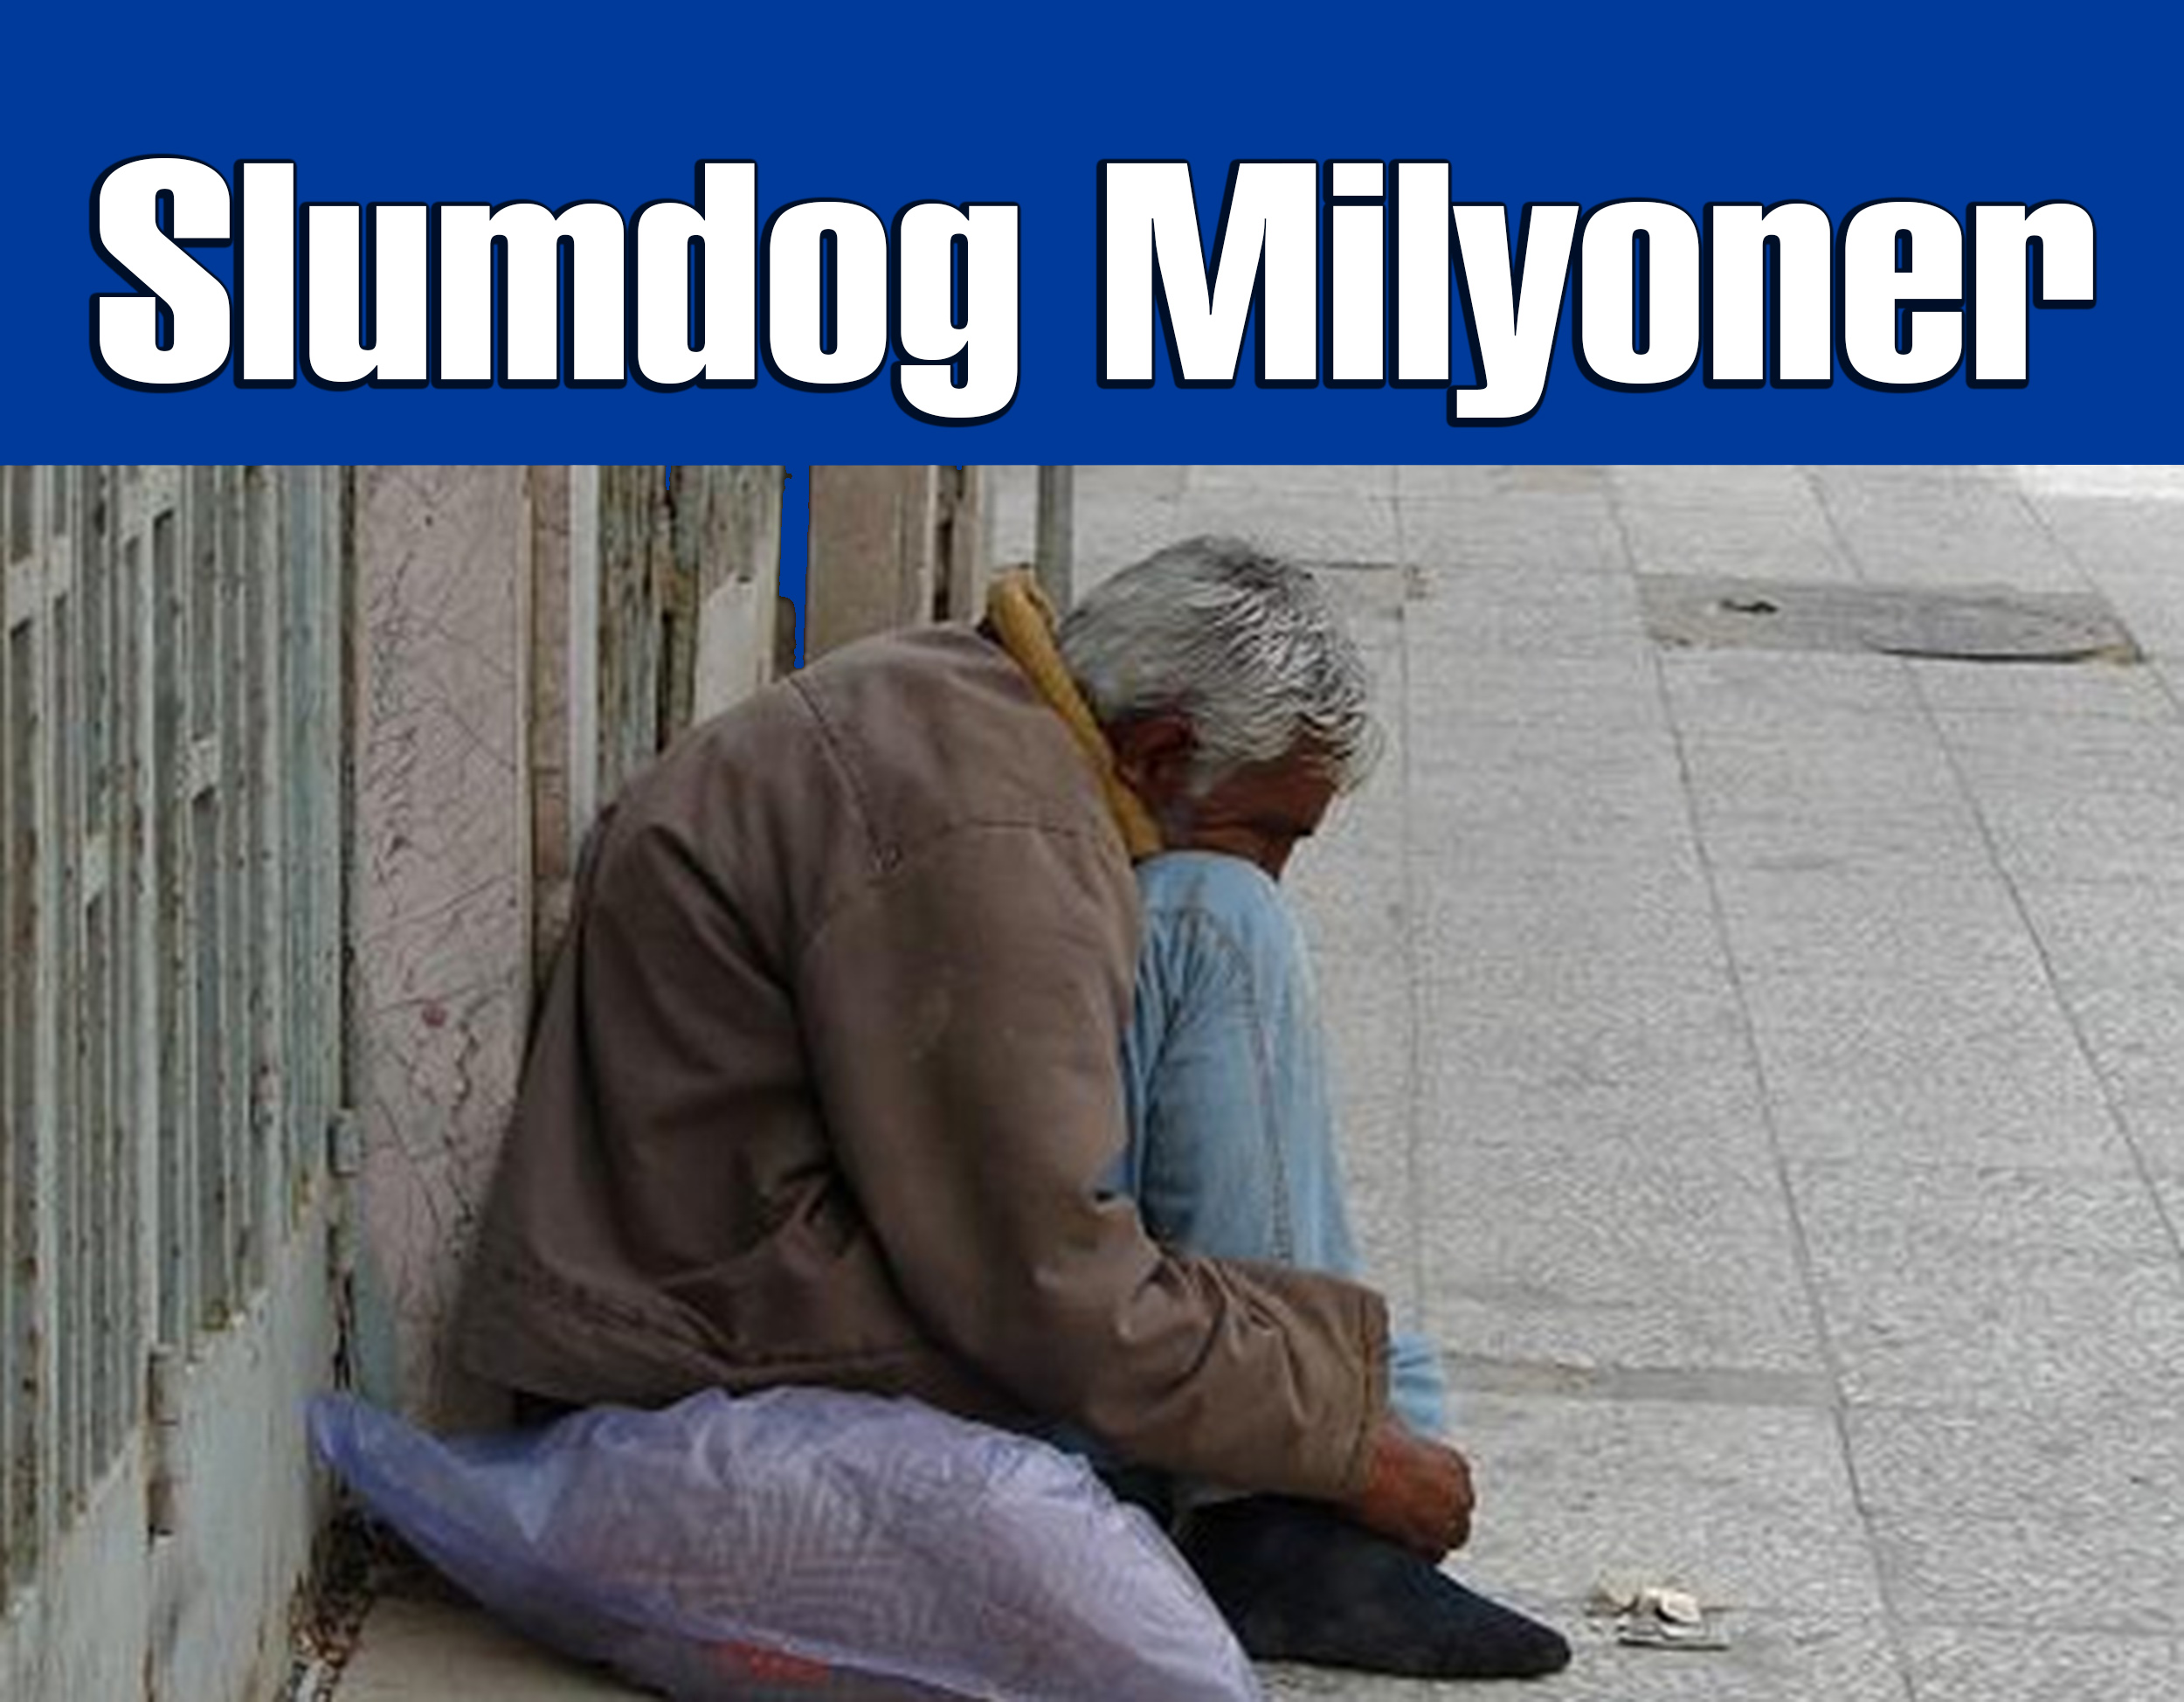 En zengin dilenci kimdir? Slumdog milyoner kimdir? Gerçek slumdog milyoner kimdir? dilenciler fakir mi? İran'ın Batı Azerbaycan eyaletinde dilencilik yapan bir kişinin üzerinde ve kendine ait banka hesaplarında tam 17 milyon doları olduğu ortaya çıktı.